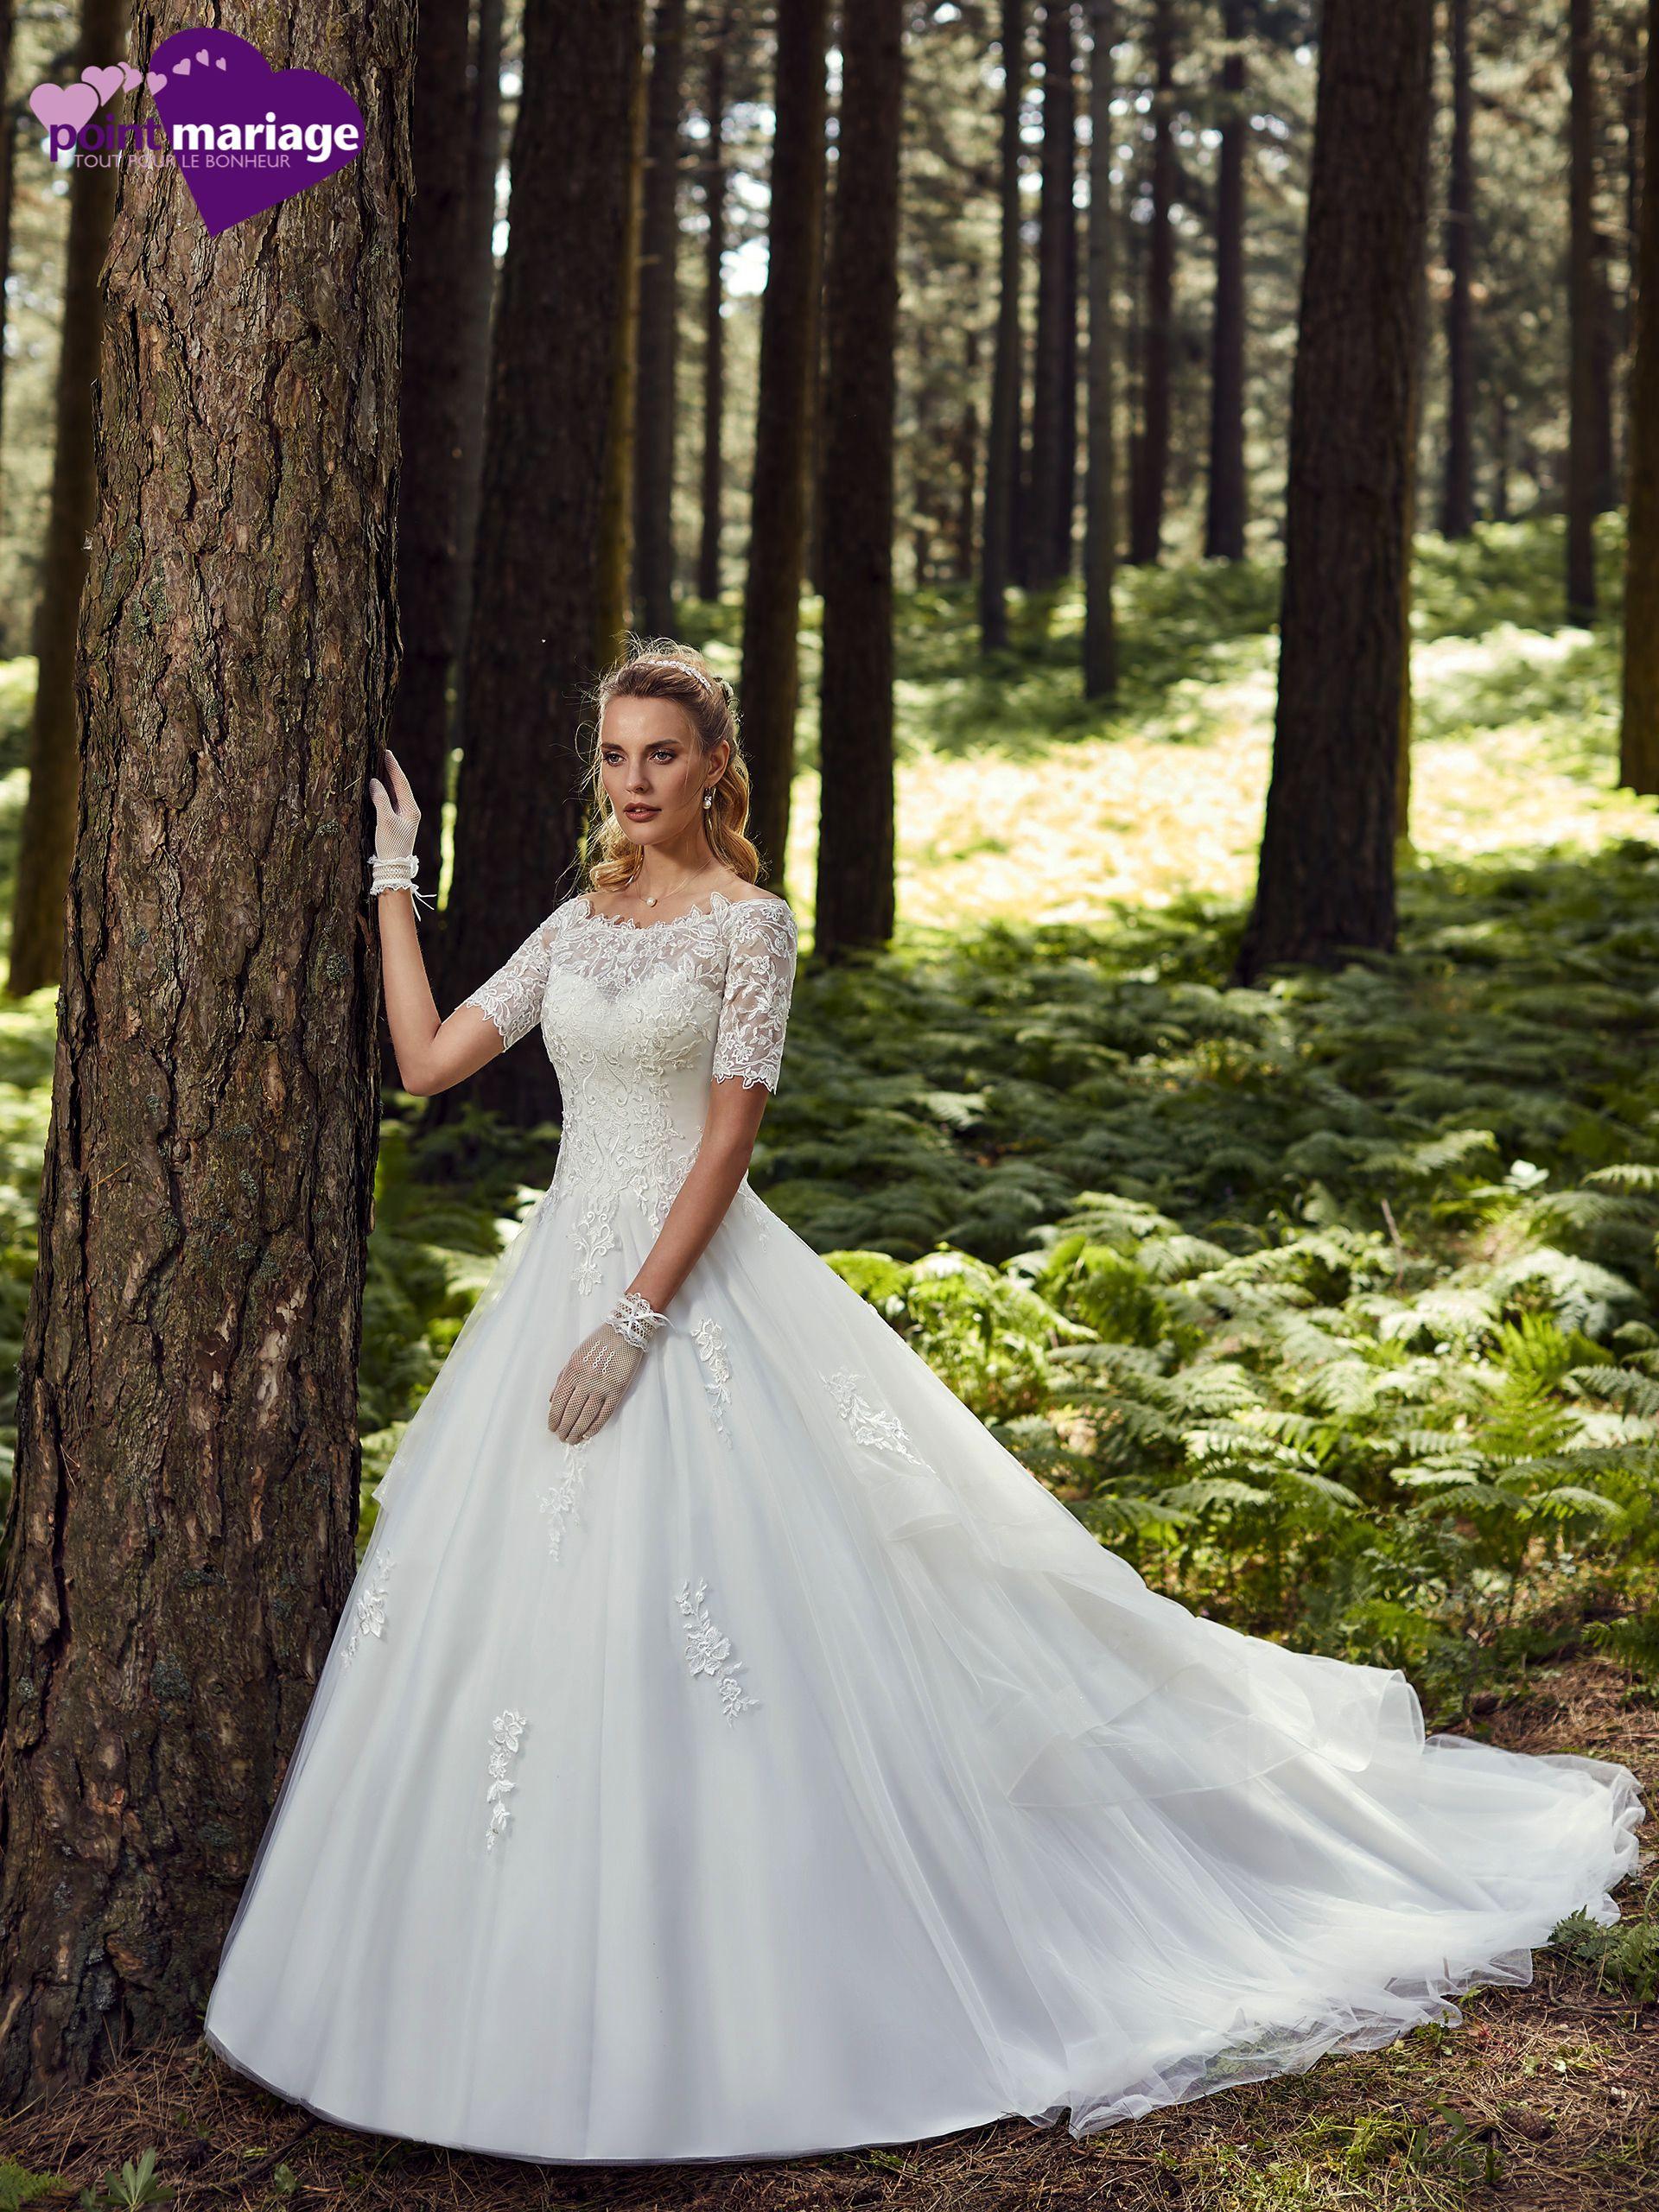 Robe de mariée Come, robe mariée manches